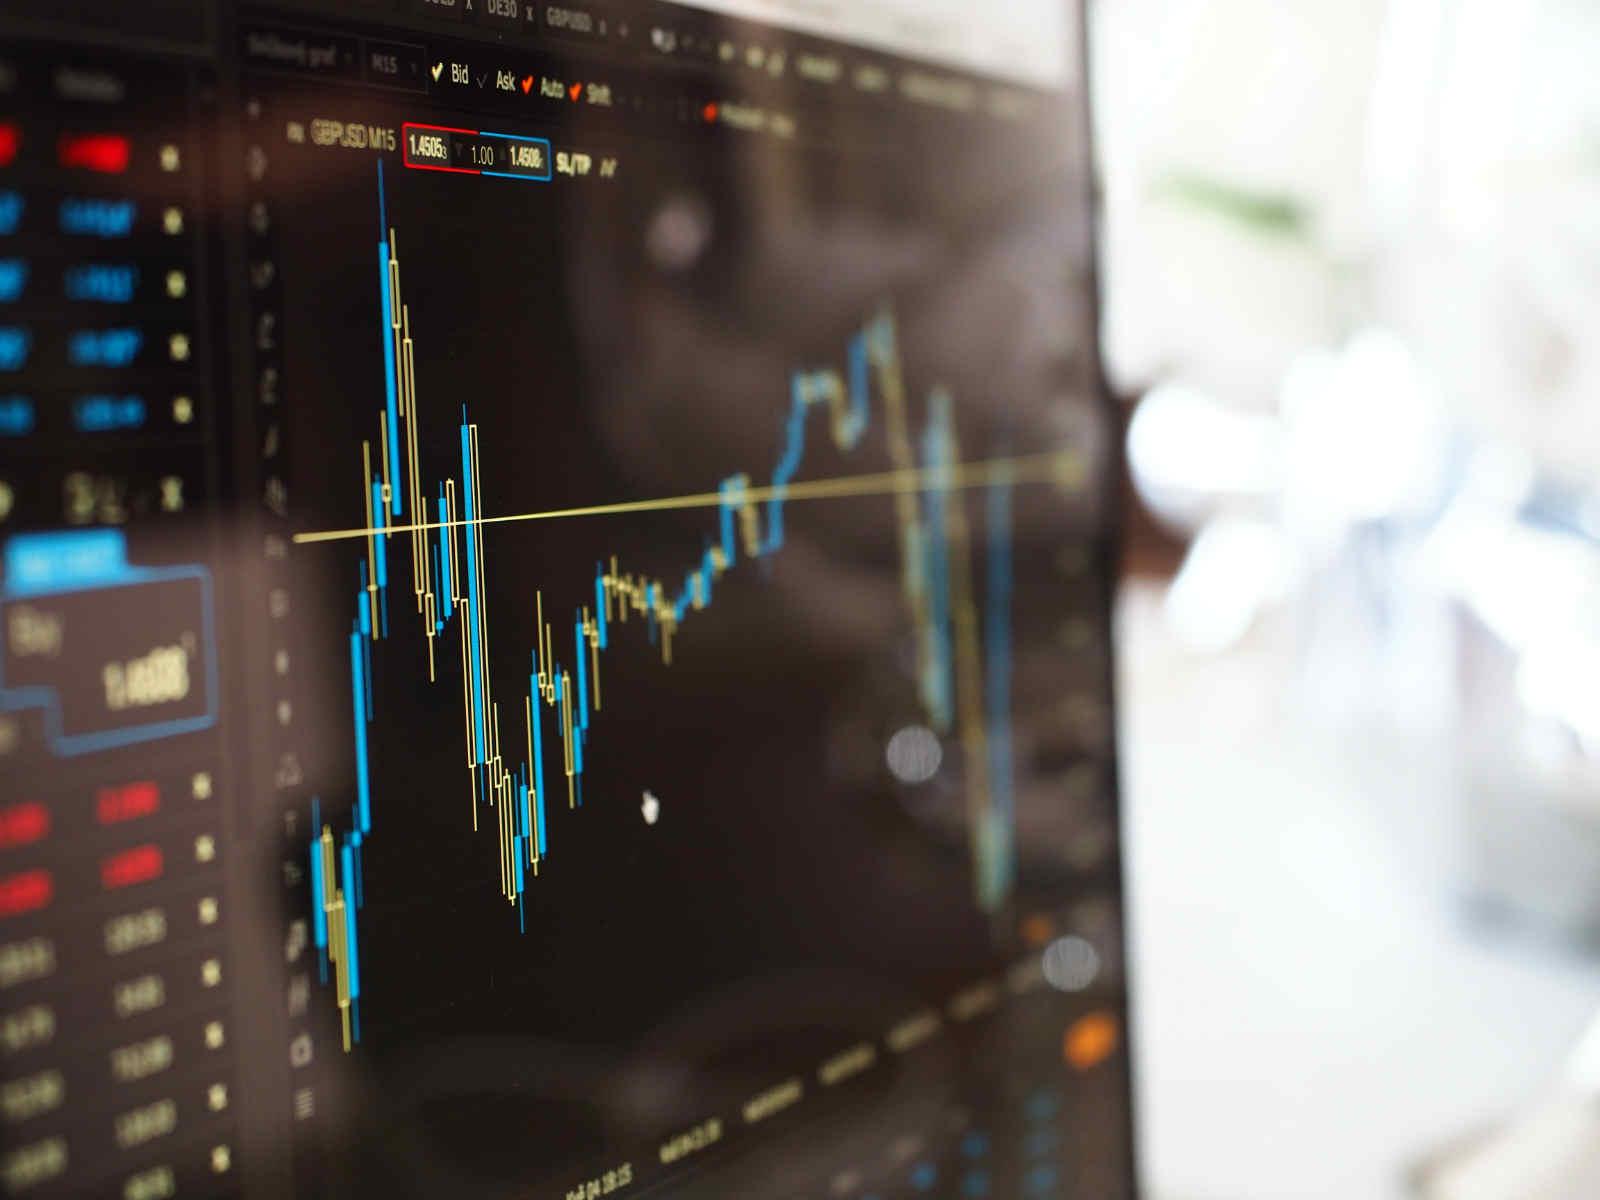 股市大起大落 债市固若金汤 美联储背书下更多投资者由股转债